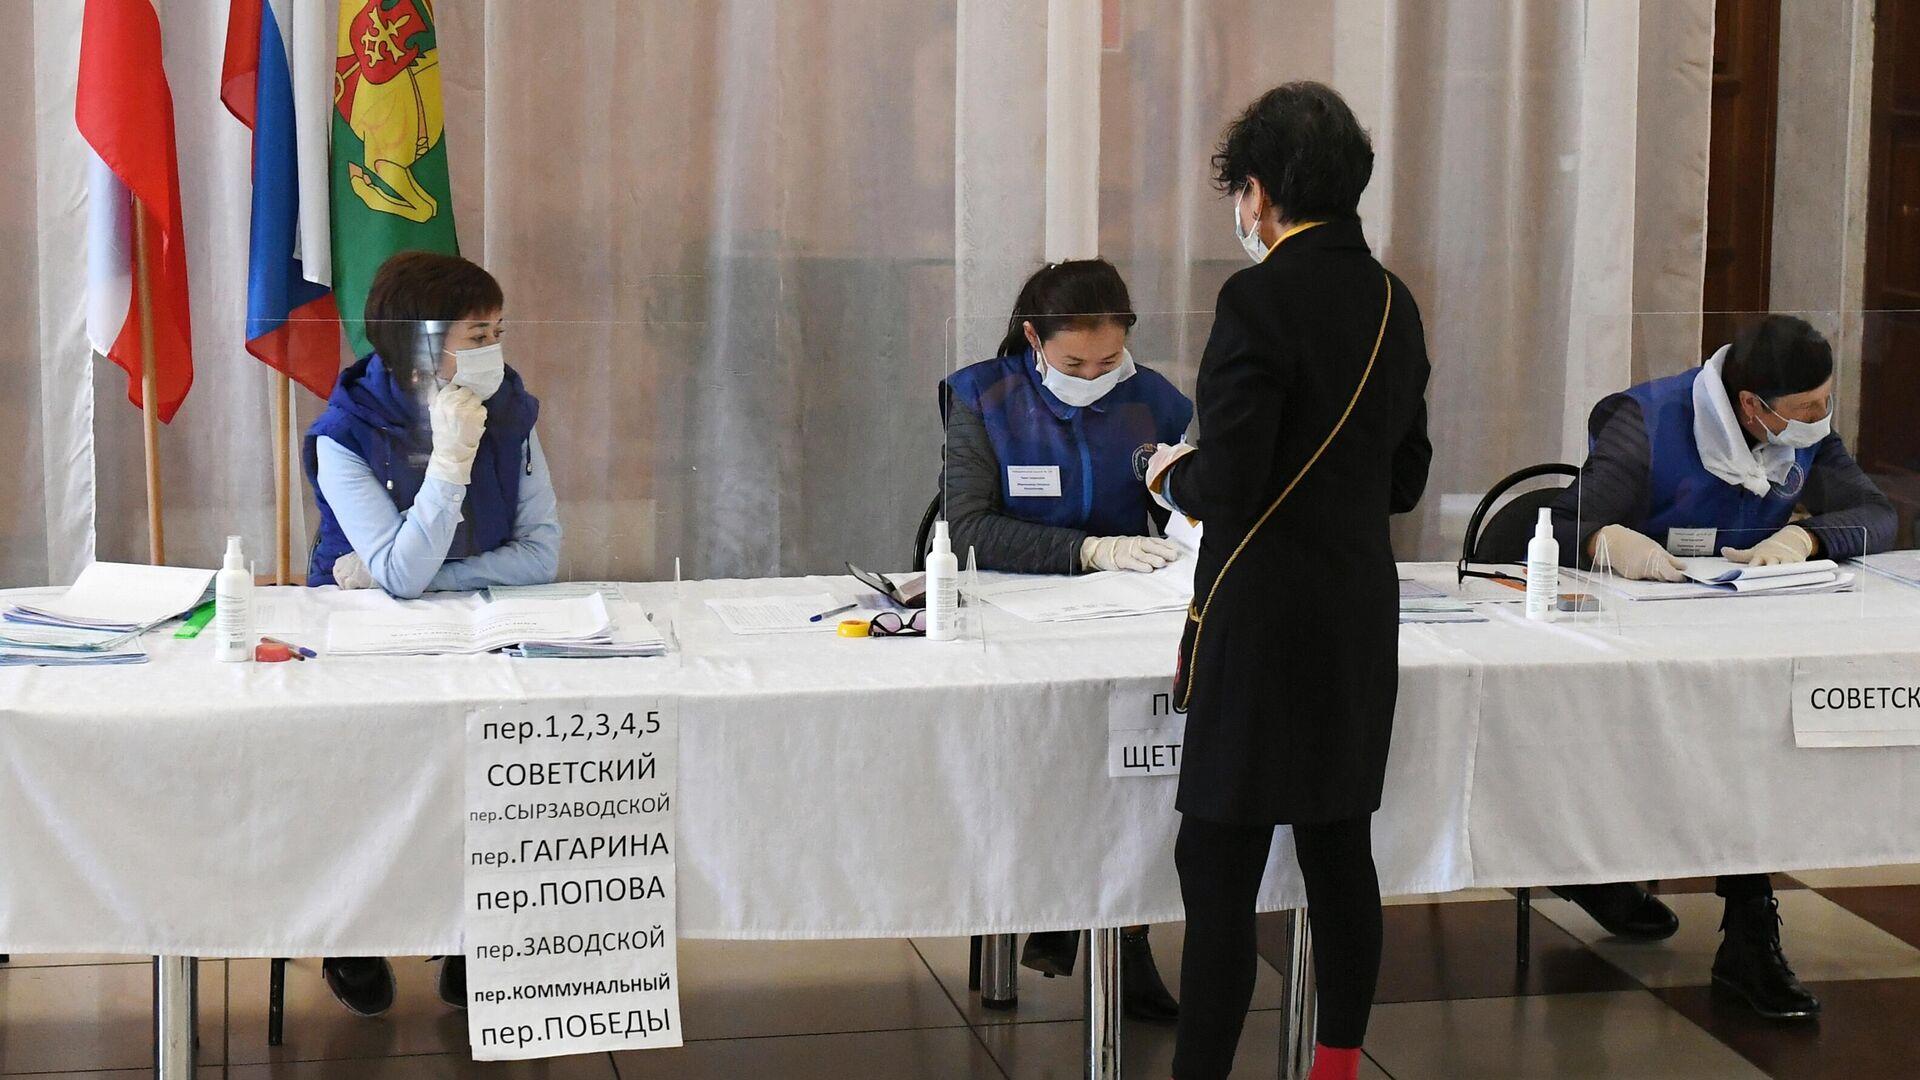 Избирательница получает бюллетень для голосования на избирательном участке в районном Центре культуры и досуга села Аскиз в Республике Хакасия - РИА Новости, 1920, 18.09.2021